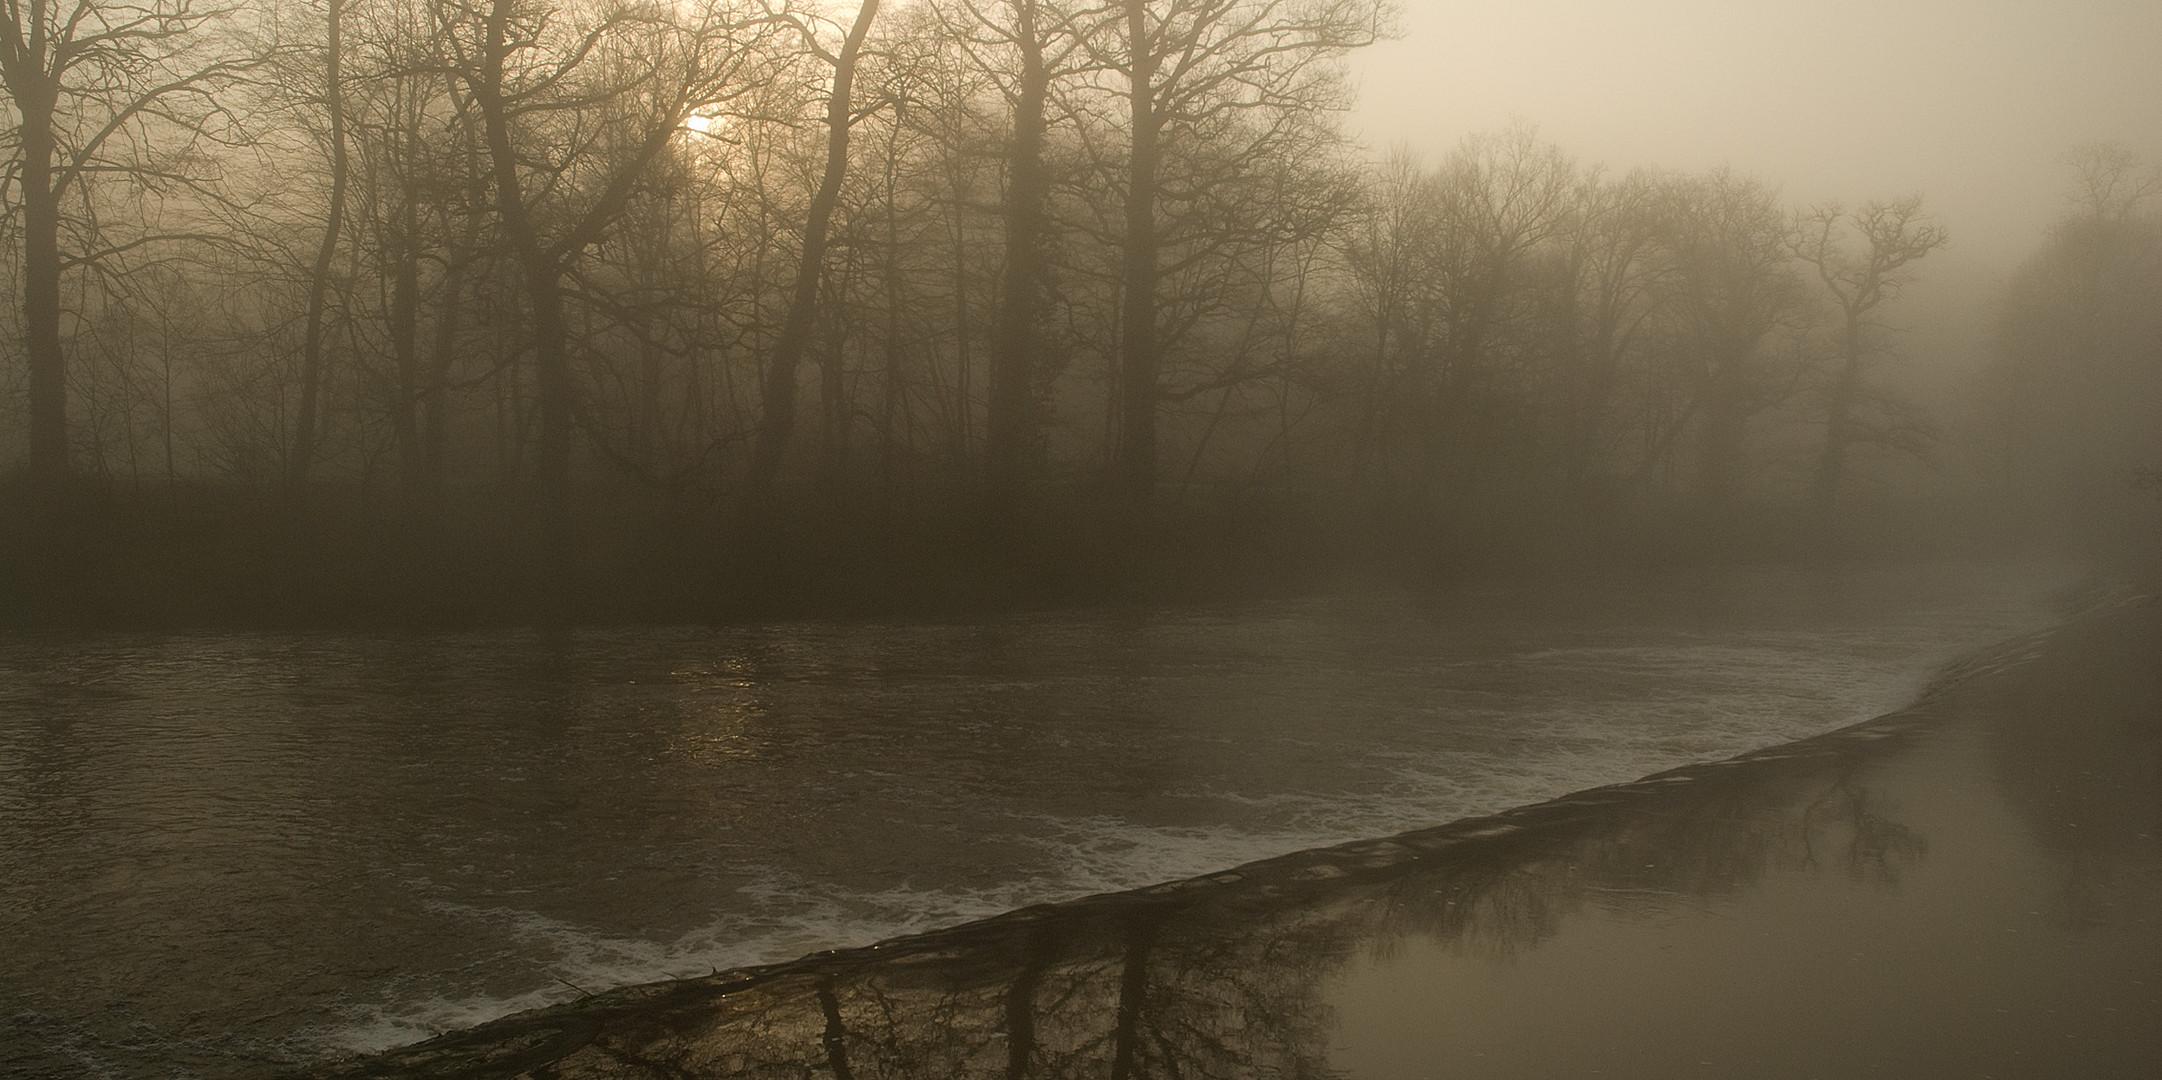 brume matinale sur le barrage (Limousin)